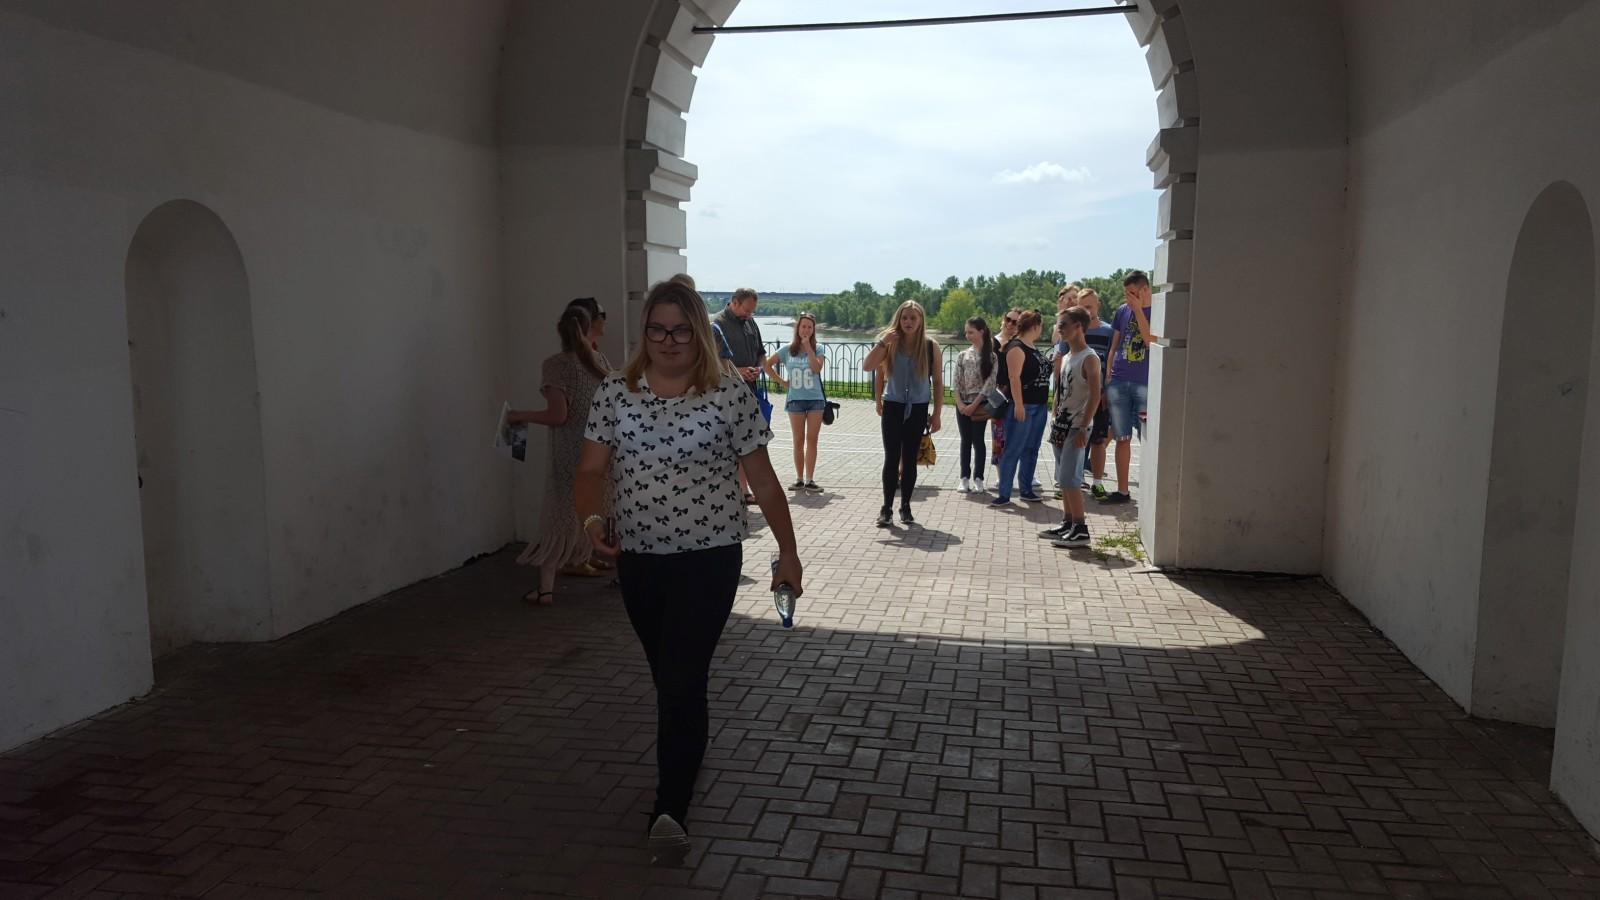 PL_RU_wymiana_mlodziezy_projekt10_025.jpg